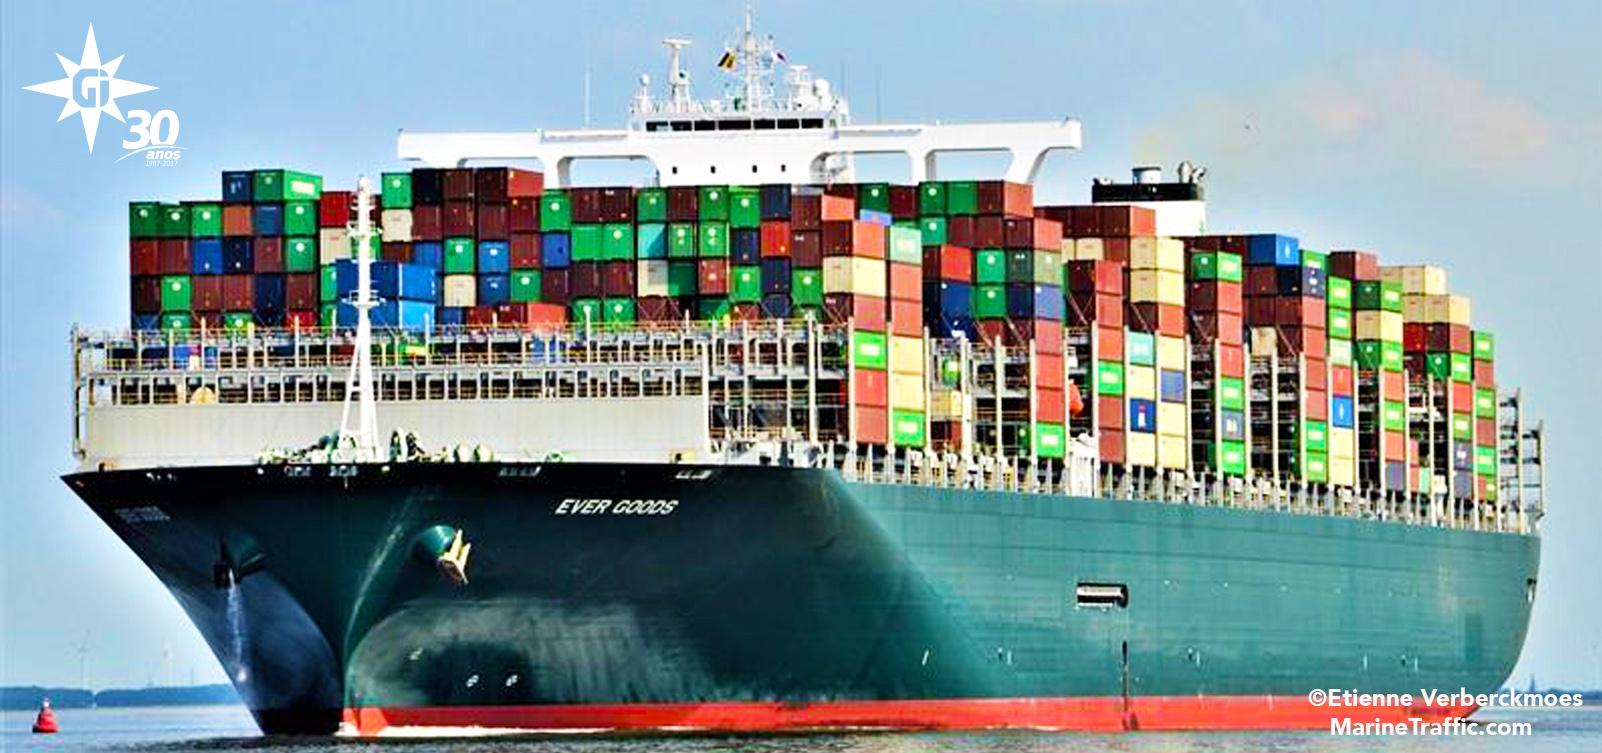 Ever Goods - Ship Evergreen